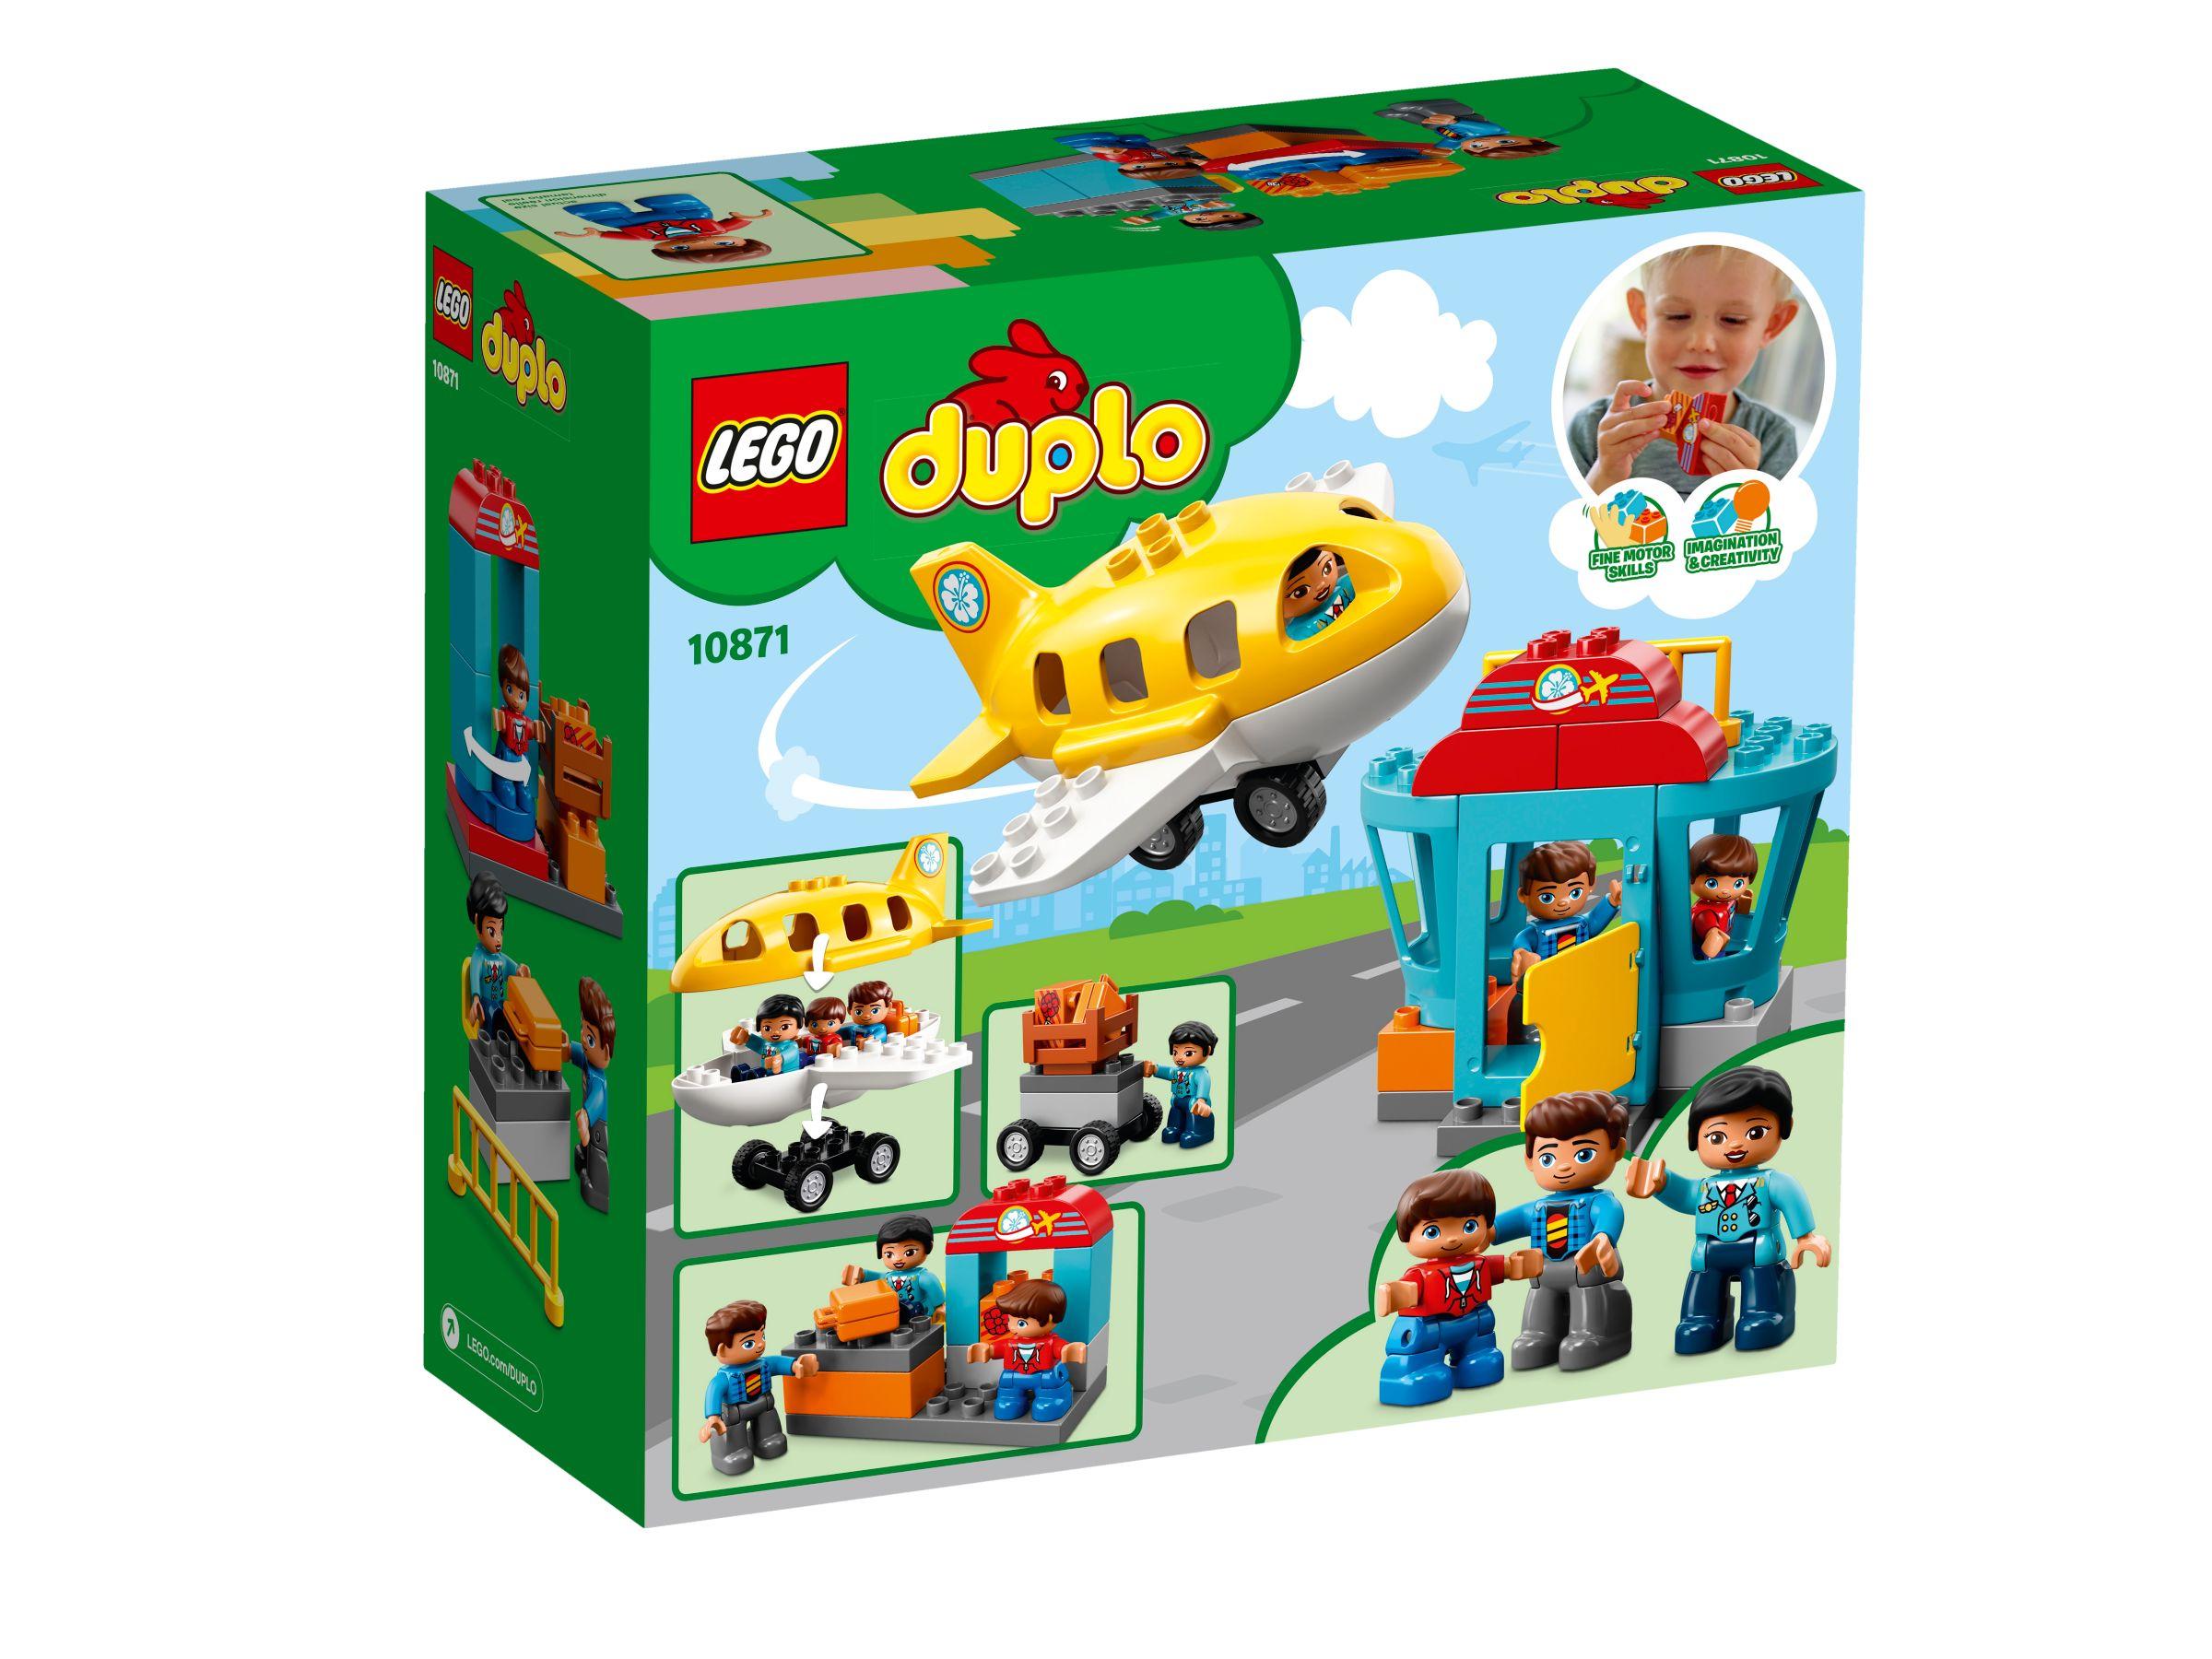 Lego Duplo 10871 Flughafen Ab 1599 36 Gespart Brickmerge